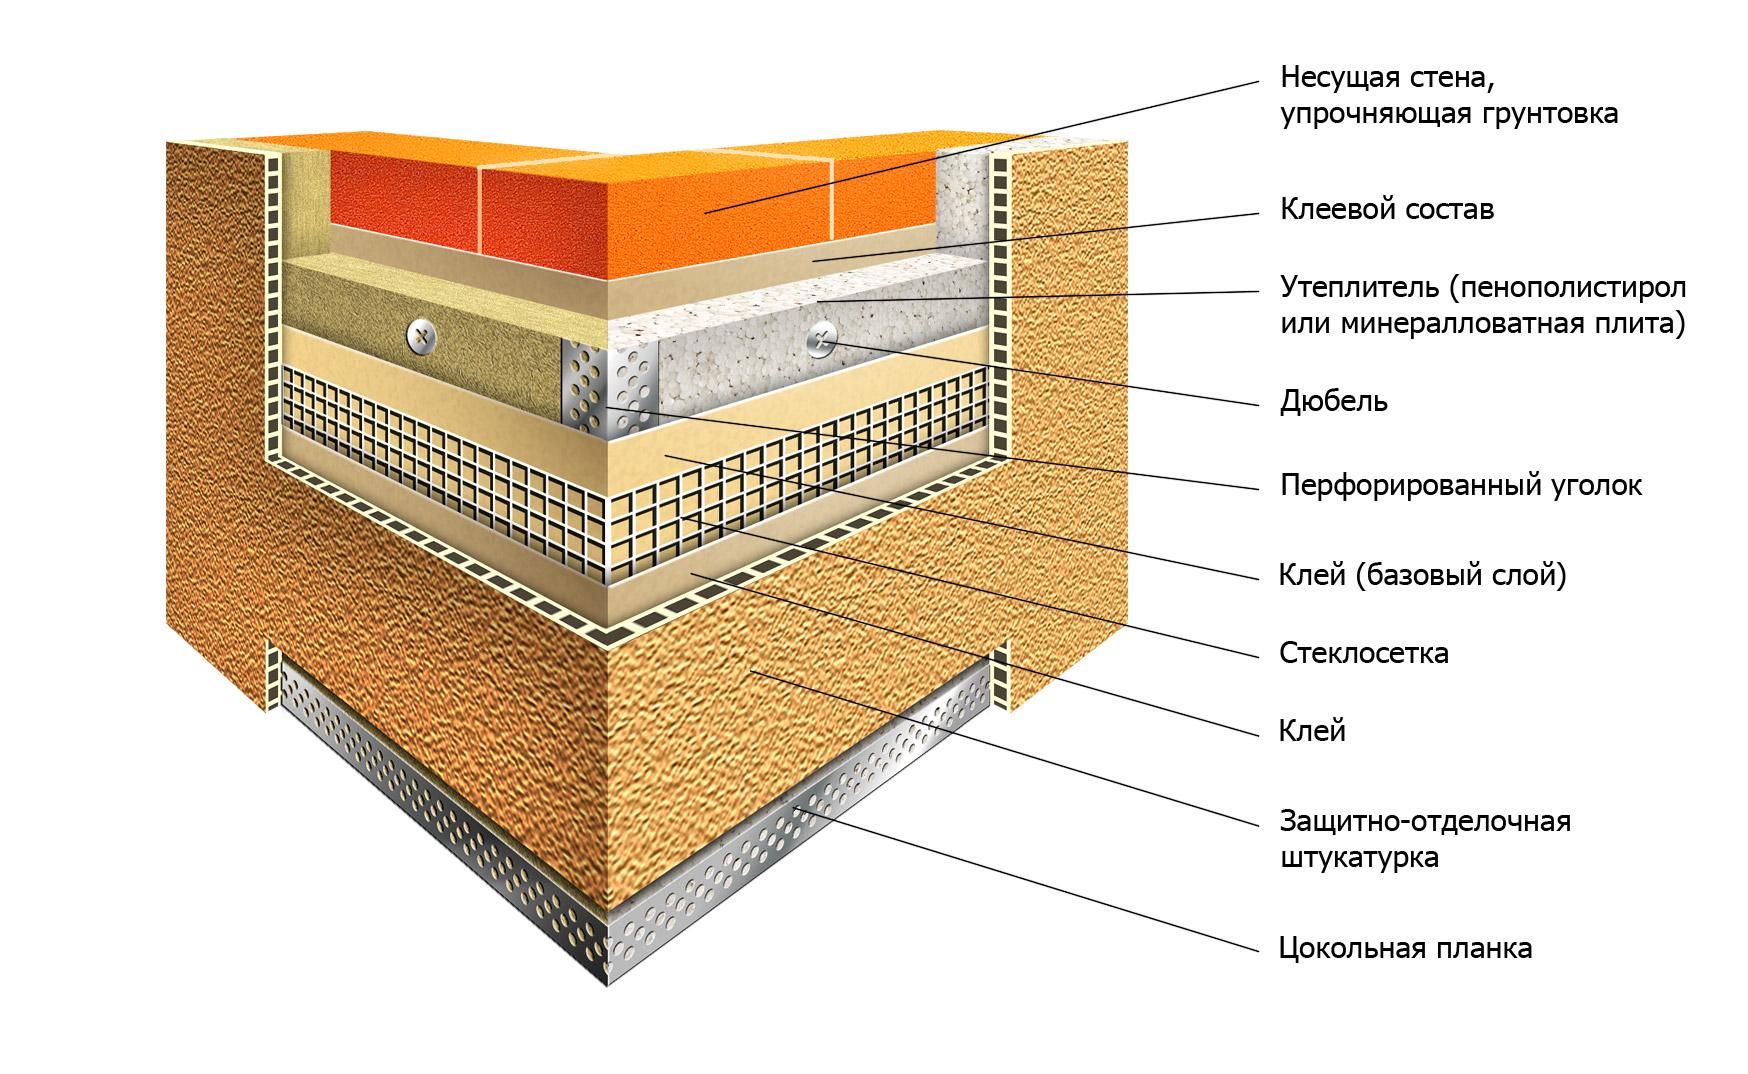 Фото: Схема утепления и дальнейшей отделки